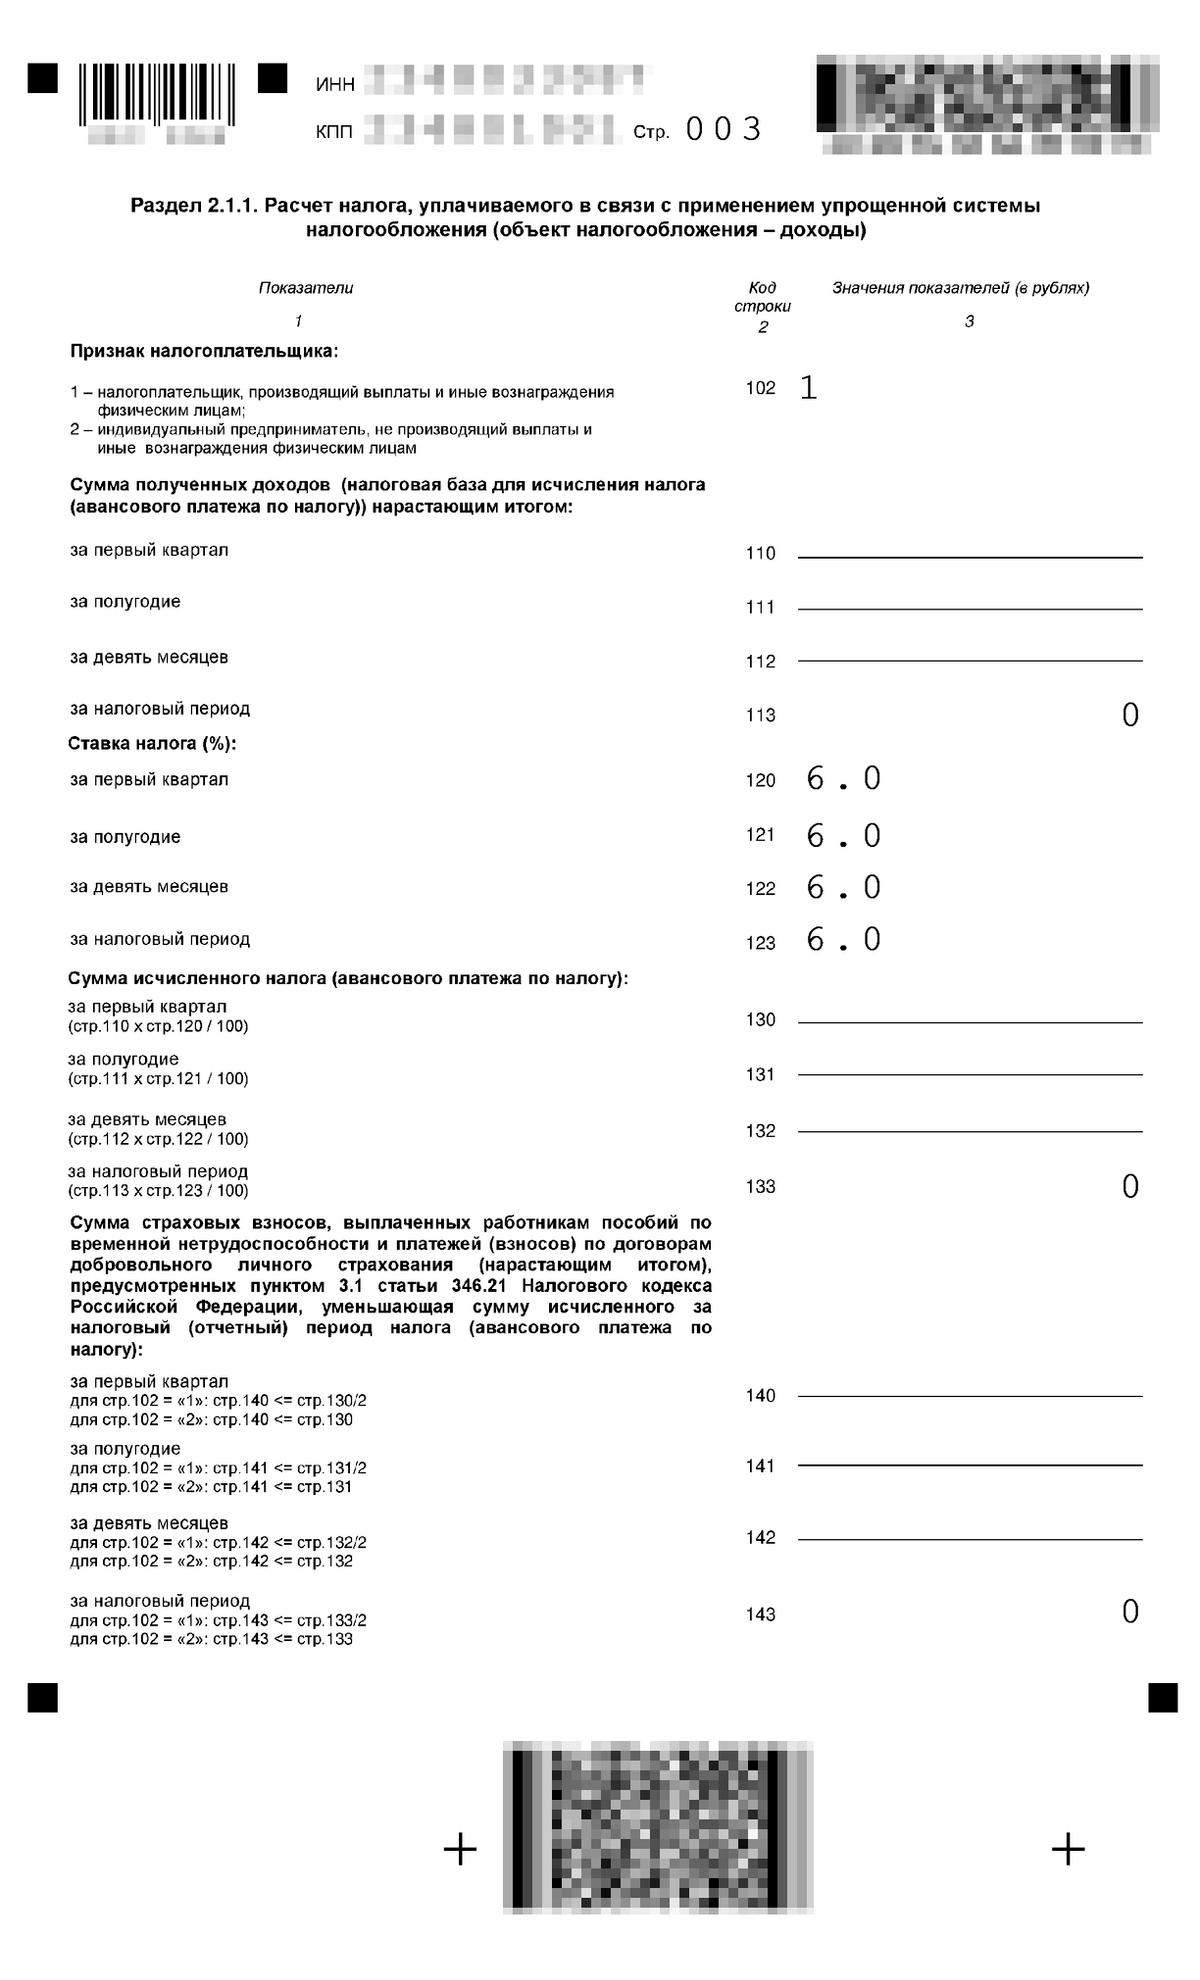 Третий лист нулевой декларации дляУСН «Доходы». В итоговых полях стоят нули